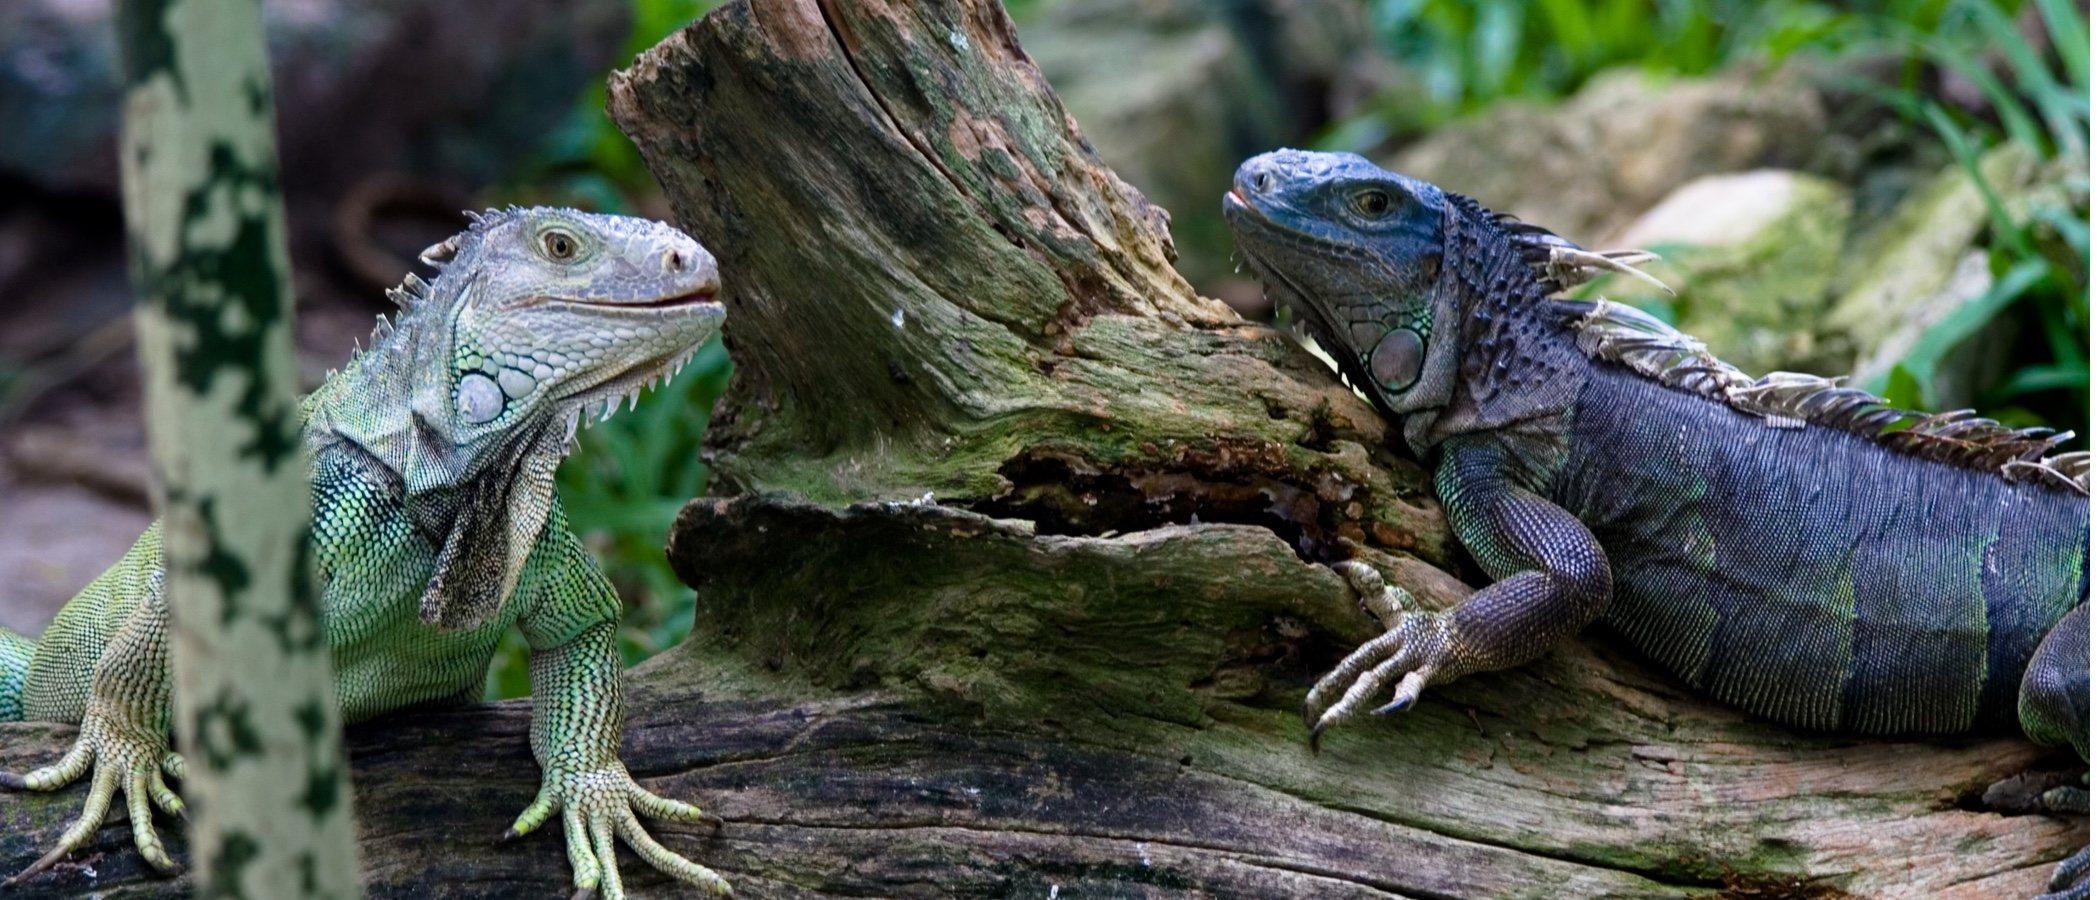 Diferencias entre la iguana verde y la iguana negra